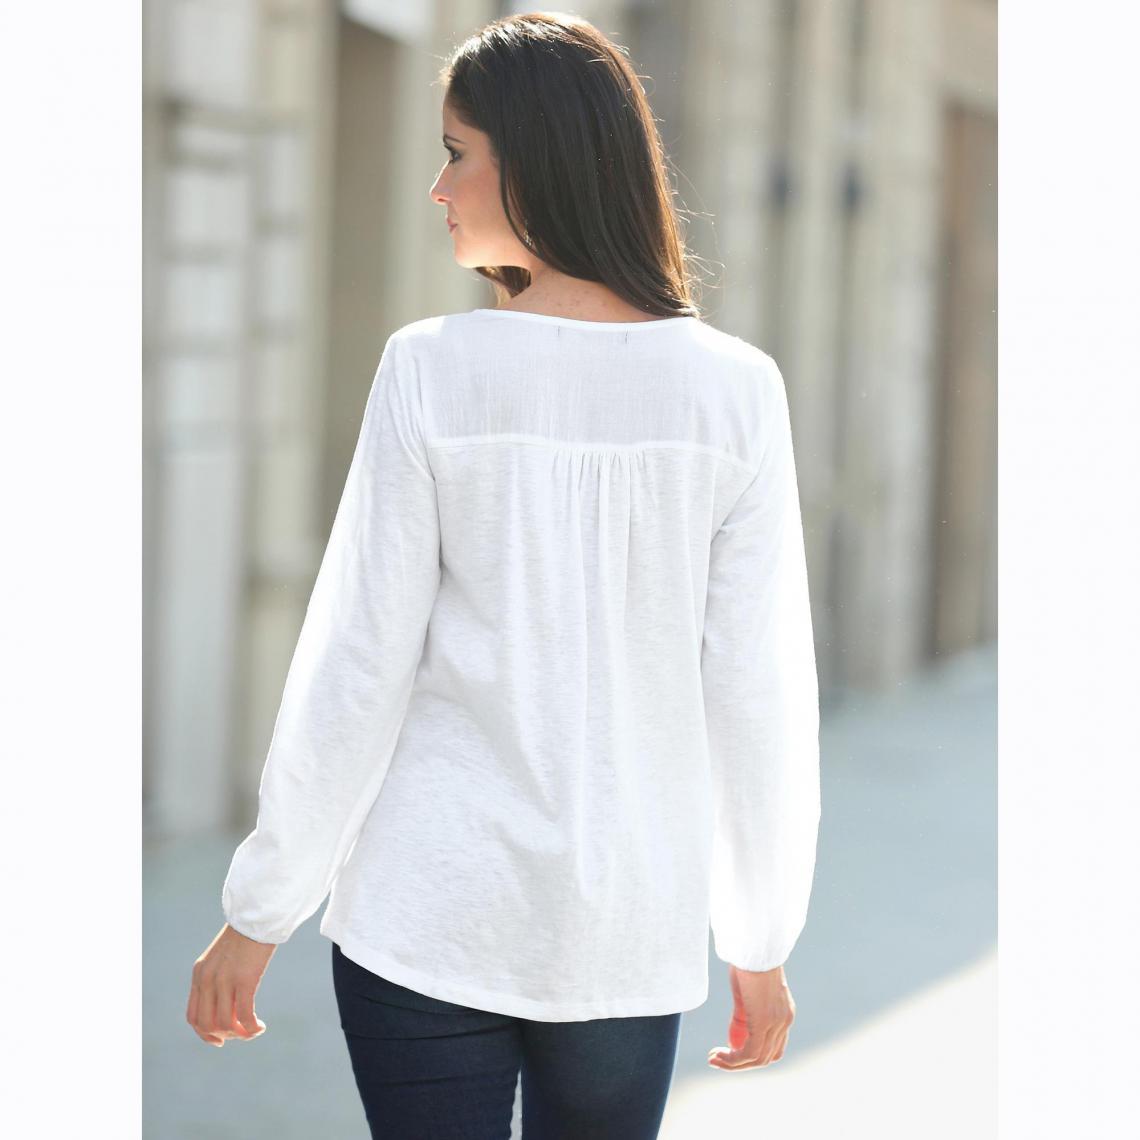 c275a375f32 Tee-shirt nid d abeille manches longues femme - Blanc